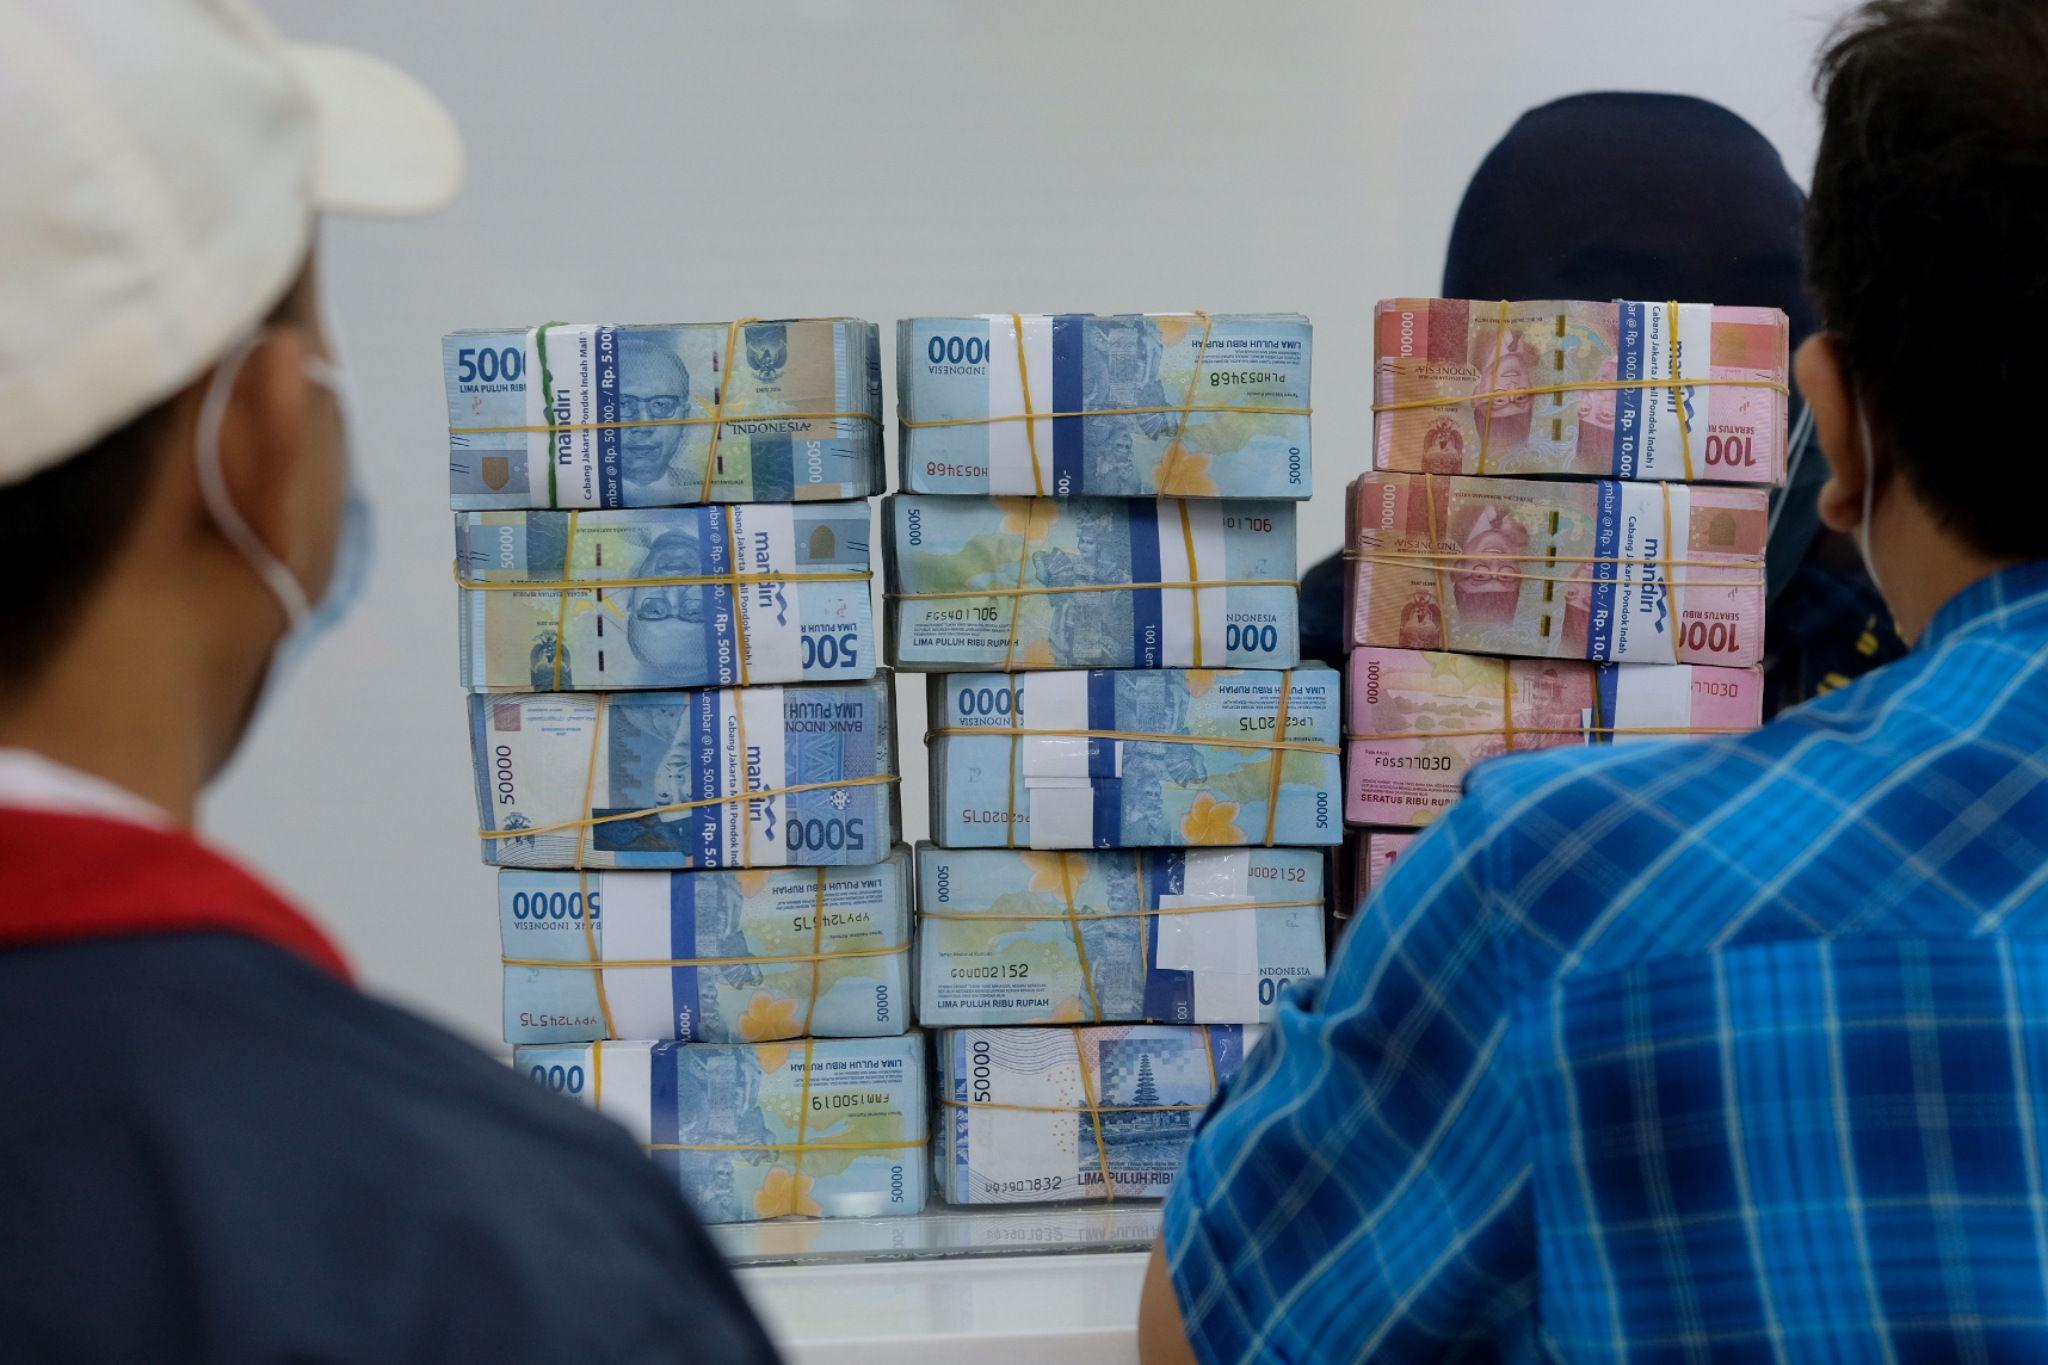 Kurs Dollar Hari Ini: Jelang Tappering Off, Rupiah Diprediksi Melemah ke Level Rp14.300